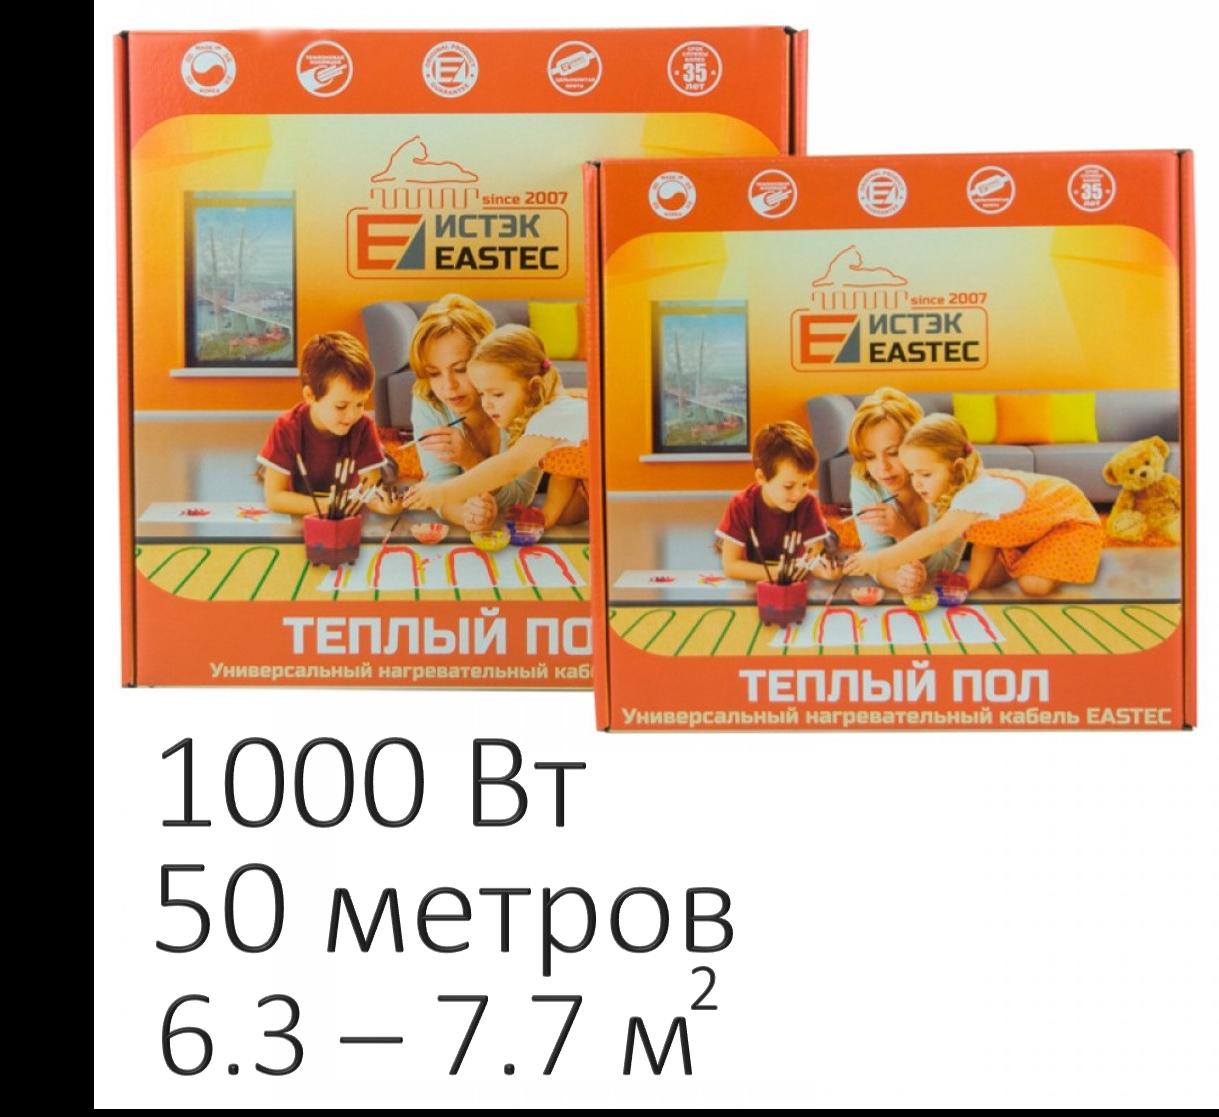 Нагревательный кабель - Eastec ECC-1000 (1000 Вт, 50 м)